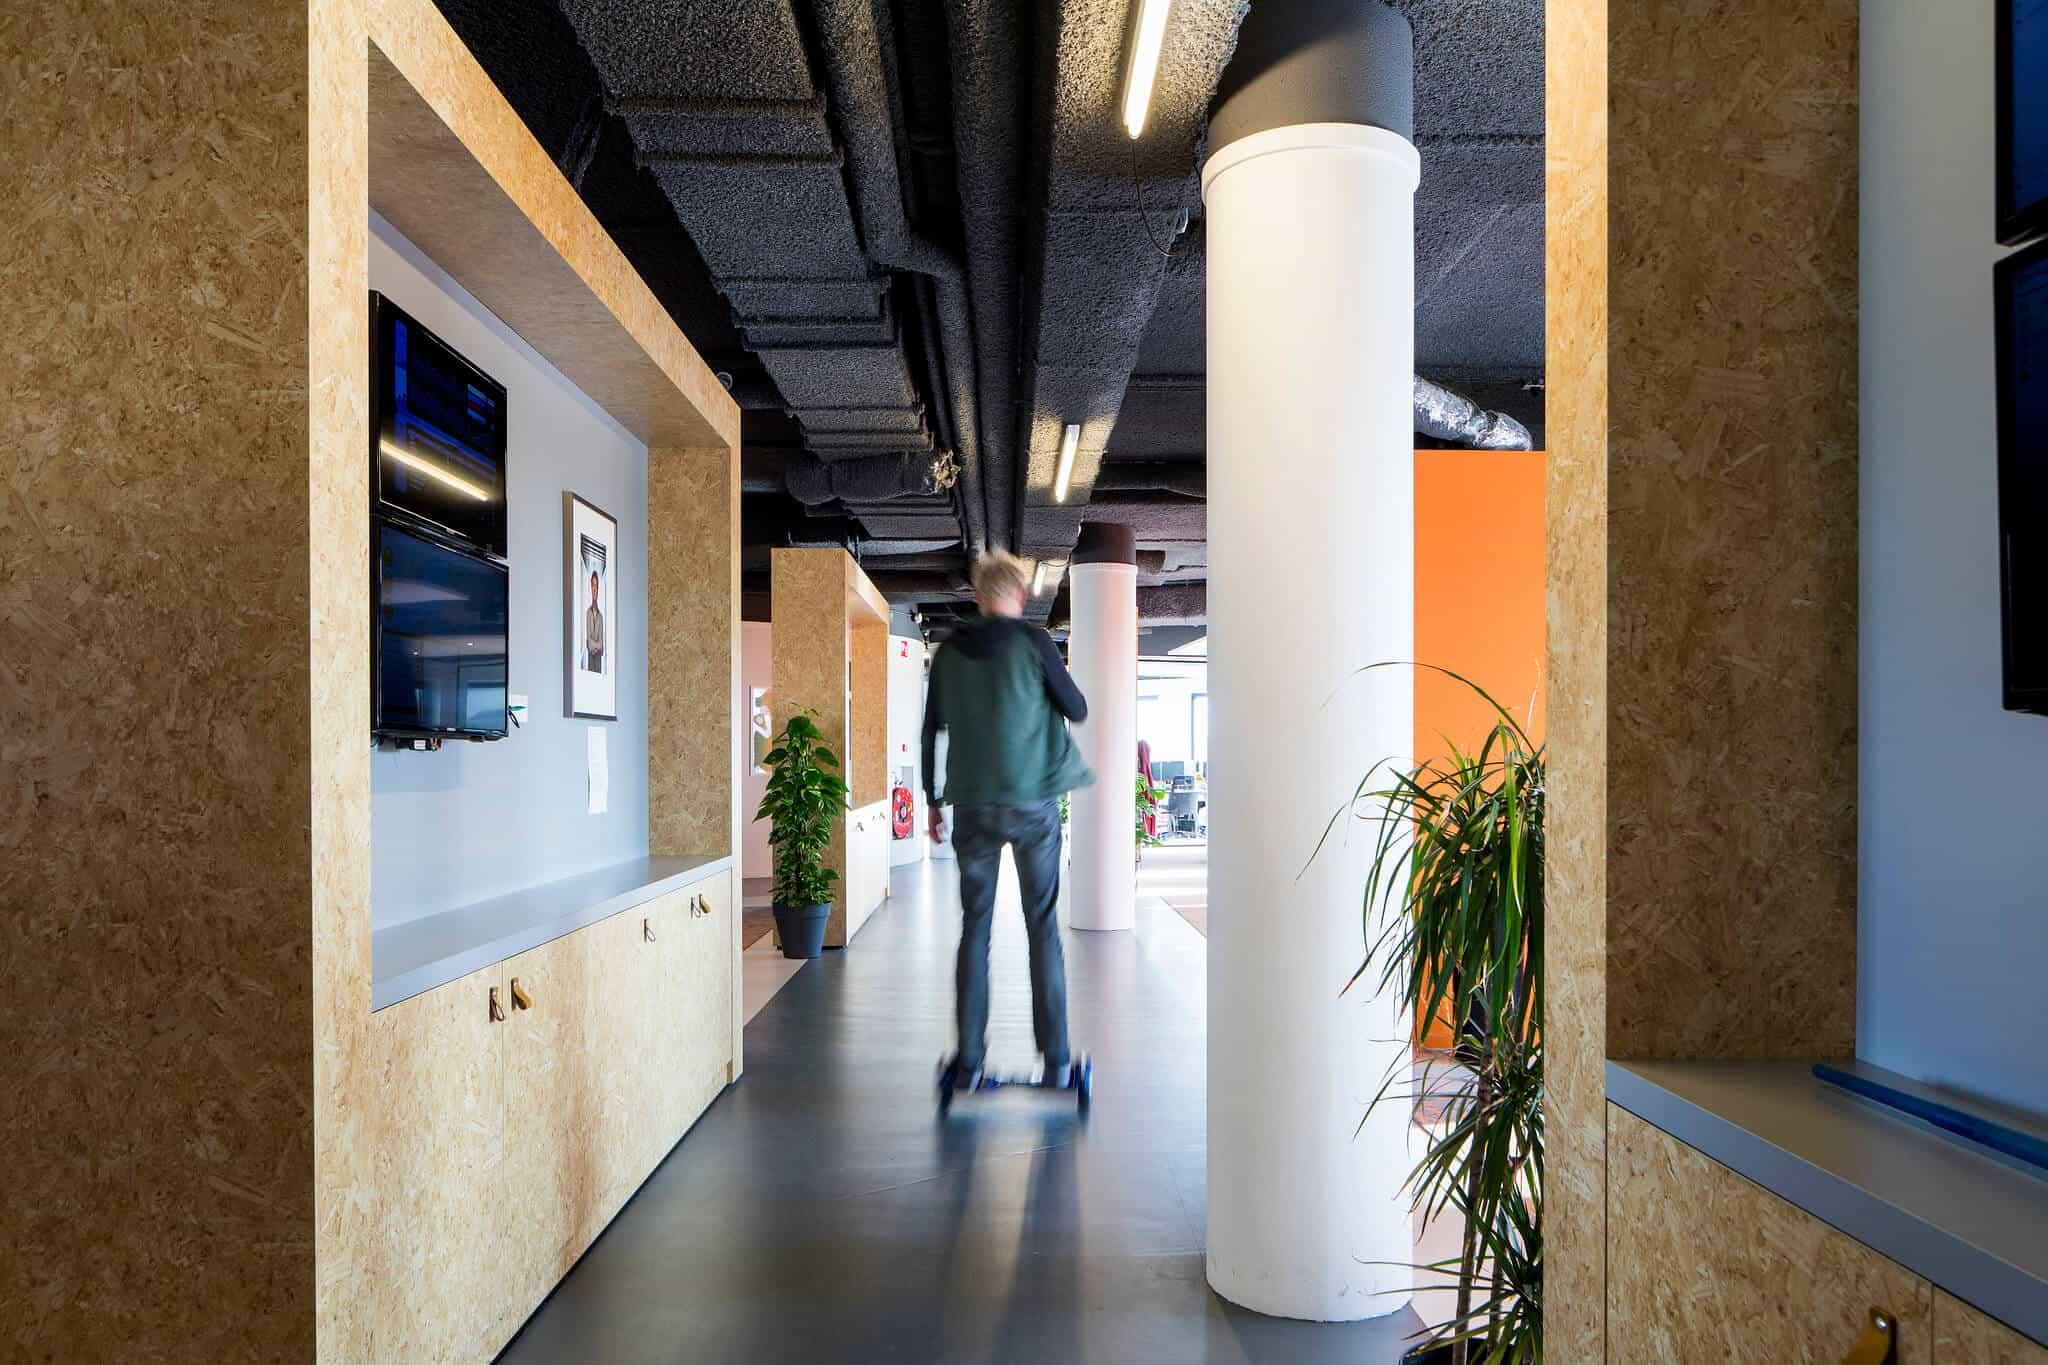 Interieurarchitect Wildenberg ontwerpt hoofdkantoor Infi gaanderij scrumwand